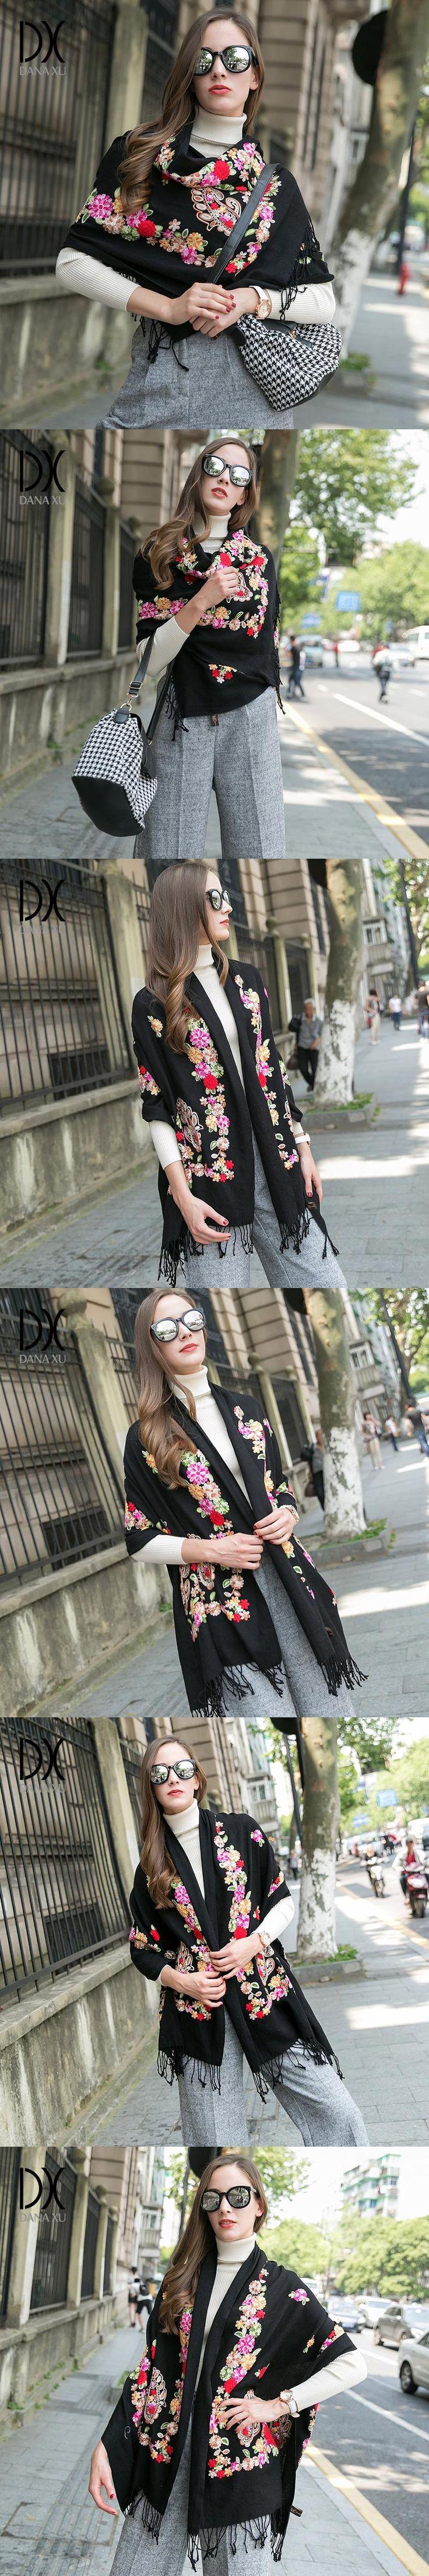 2017 New Women Winter Cashmere Pashmina Shawls Fashion Boho Style Plaid Thick Warm Blanket Poncho Large Size 200*65cm Bandana